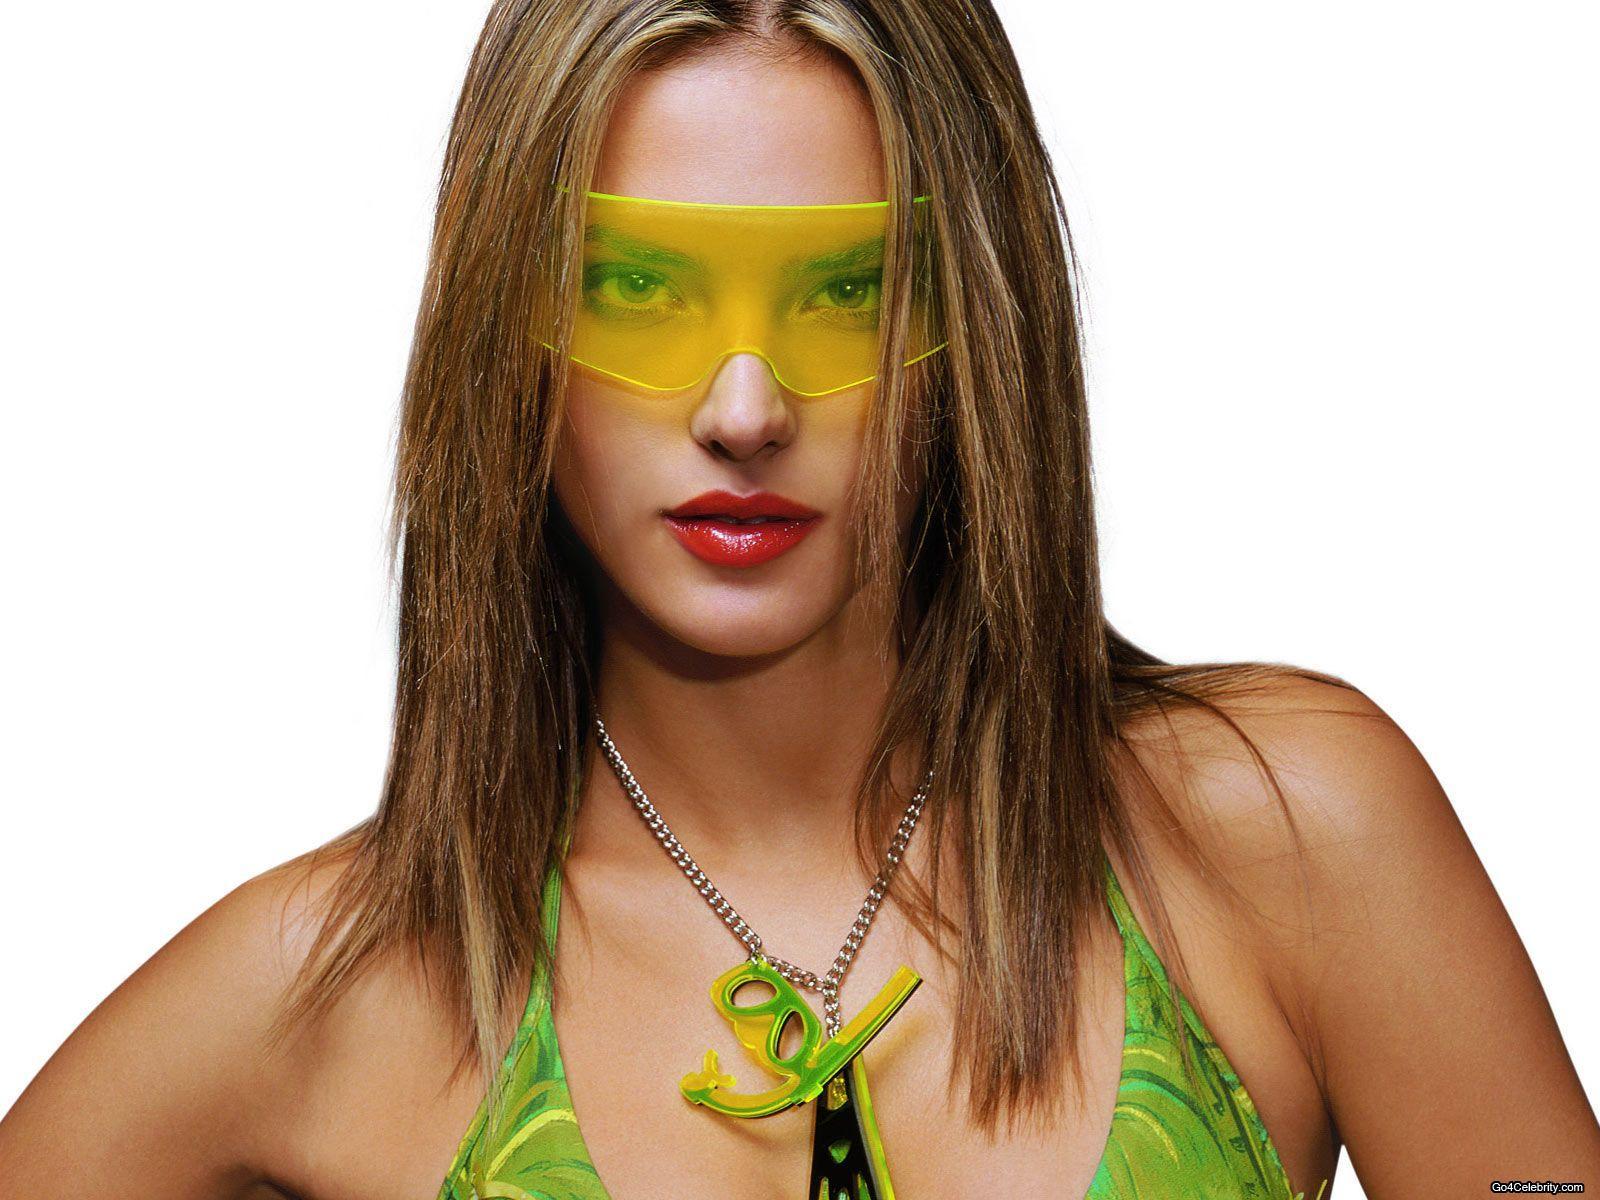 http://3.bp.blogspot.com/-Mdiuow9j1AY/Ta5ORGwVMYI/AAAAAAAAAPI/41MDaiAALa8/s1600/Alessandra-Ambrosio-005.jpg